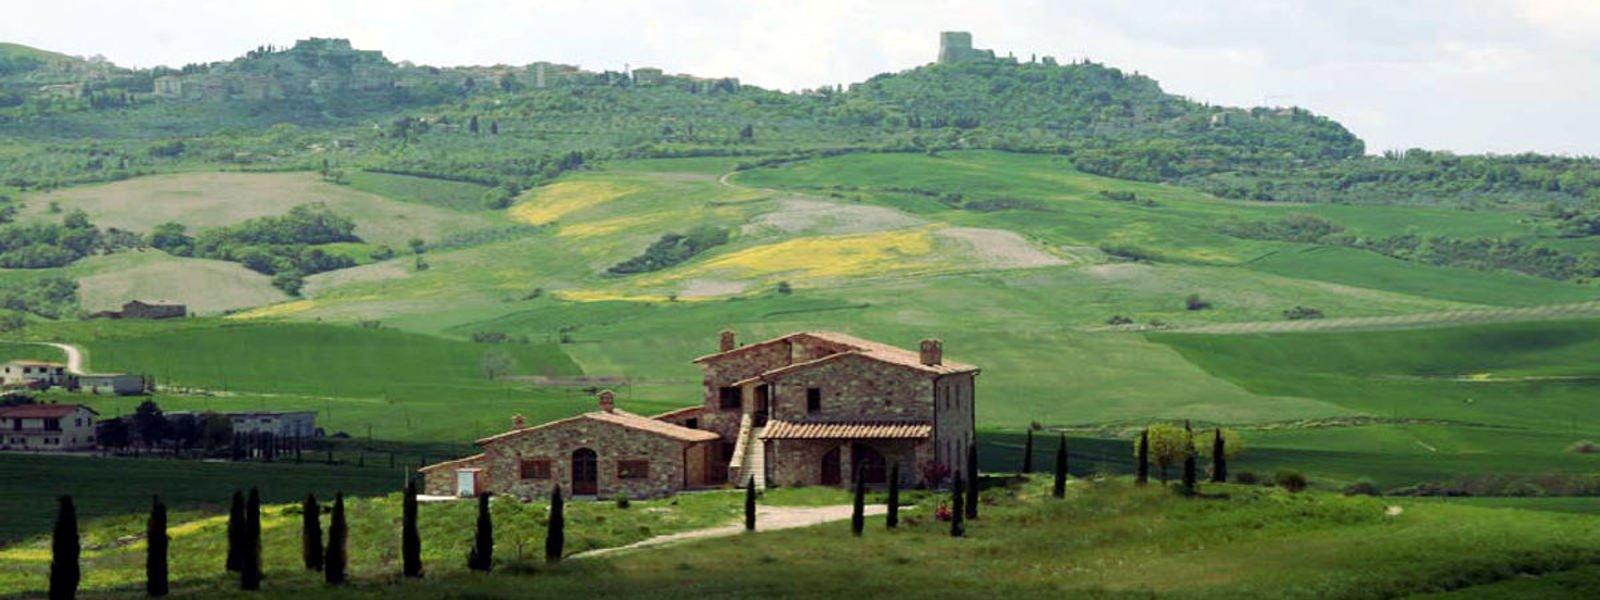 Tuscany farmhouse for sale near Montalcino